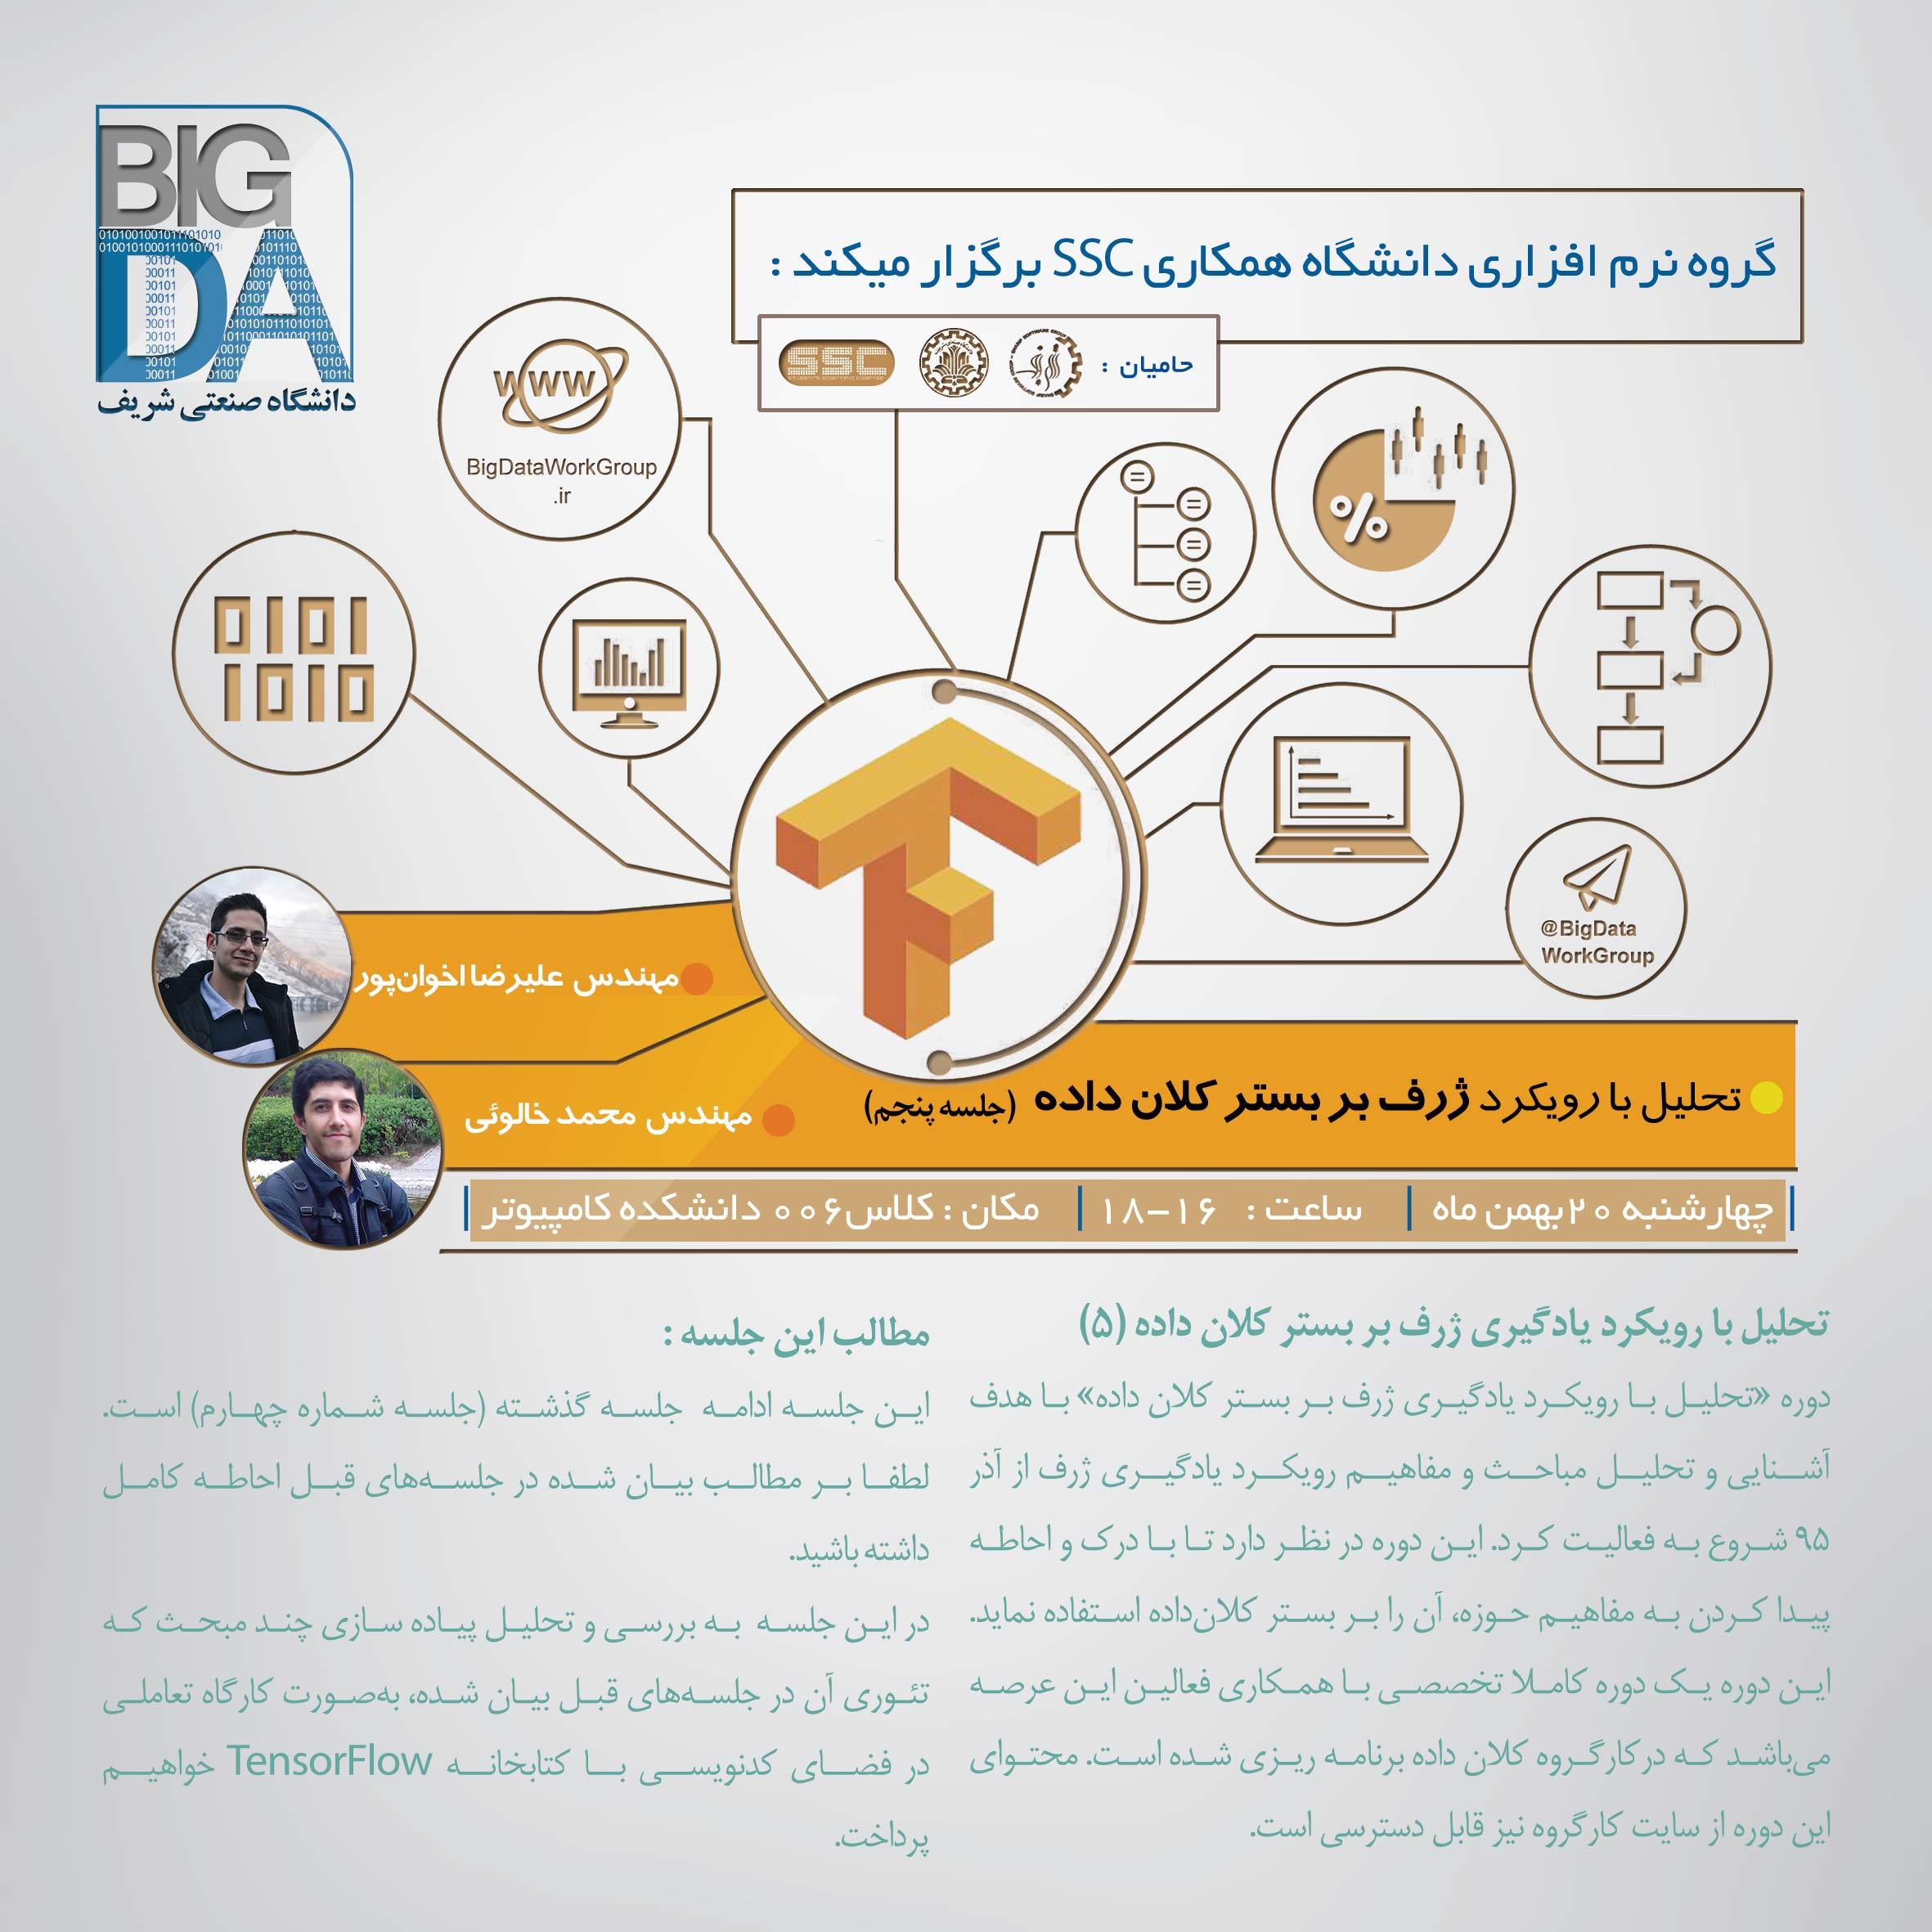 جلسه پنجم دوره « تحلیل با رویکرد یادگیری ژرف بر بستر کلان داده » محمد خالوئی ، علیرضا اخوان